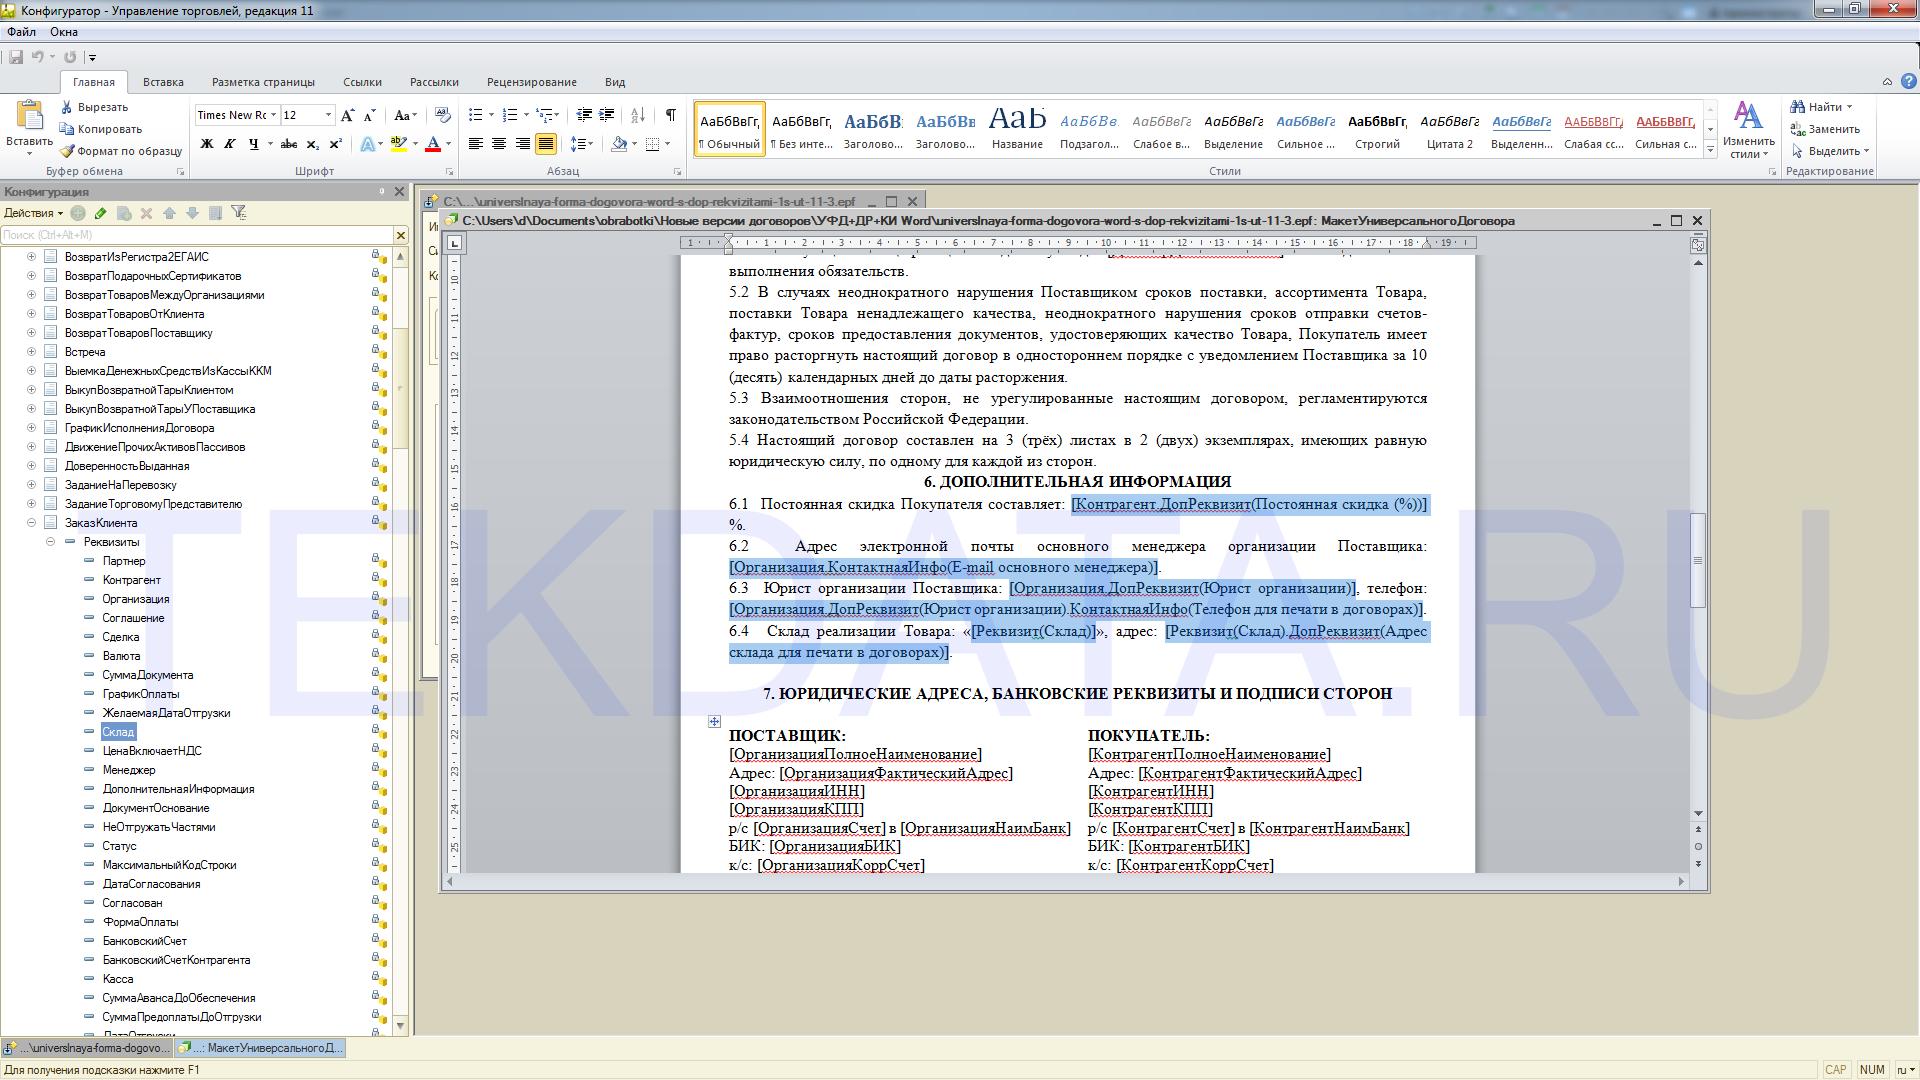 Универсальная печатная форма договора в формате Word для 1С:УТ 11.3 (внешняя обработка *.epf) | tekdata.ru